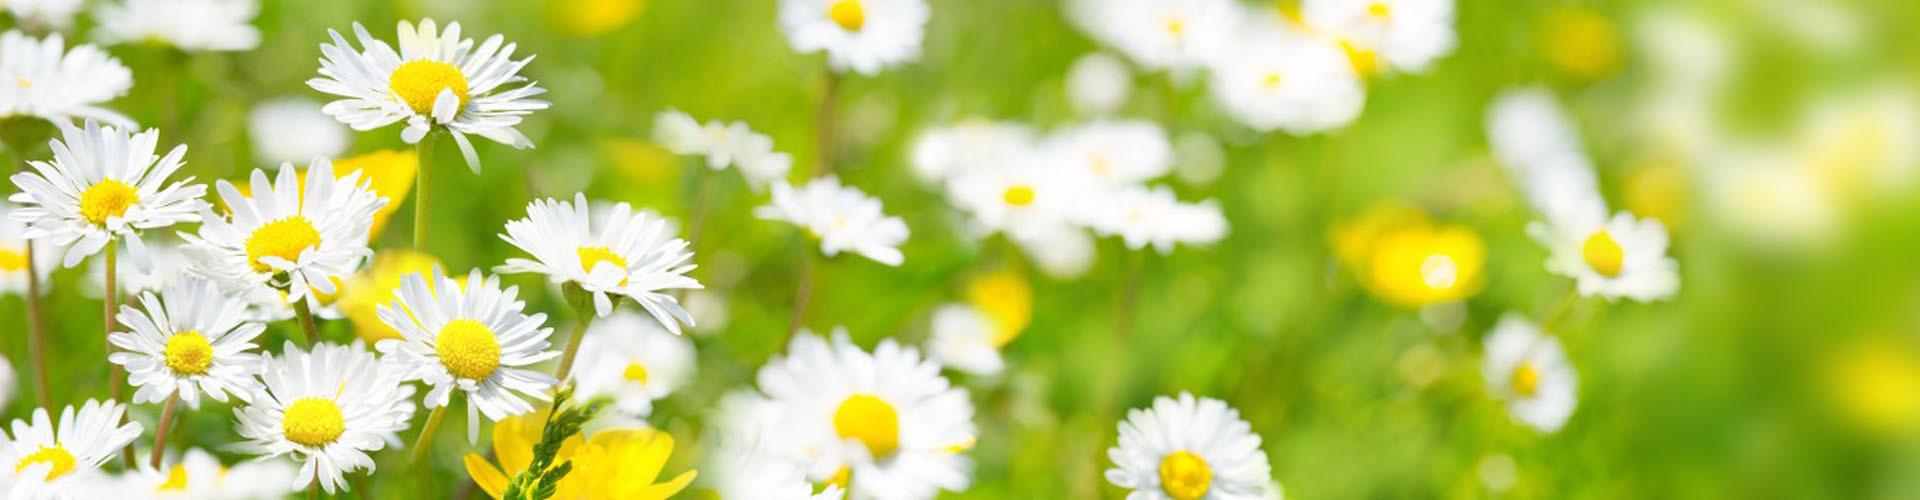 Titelseite Blumenwiese © AK, AK